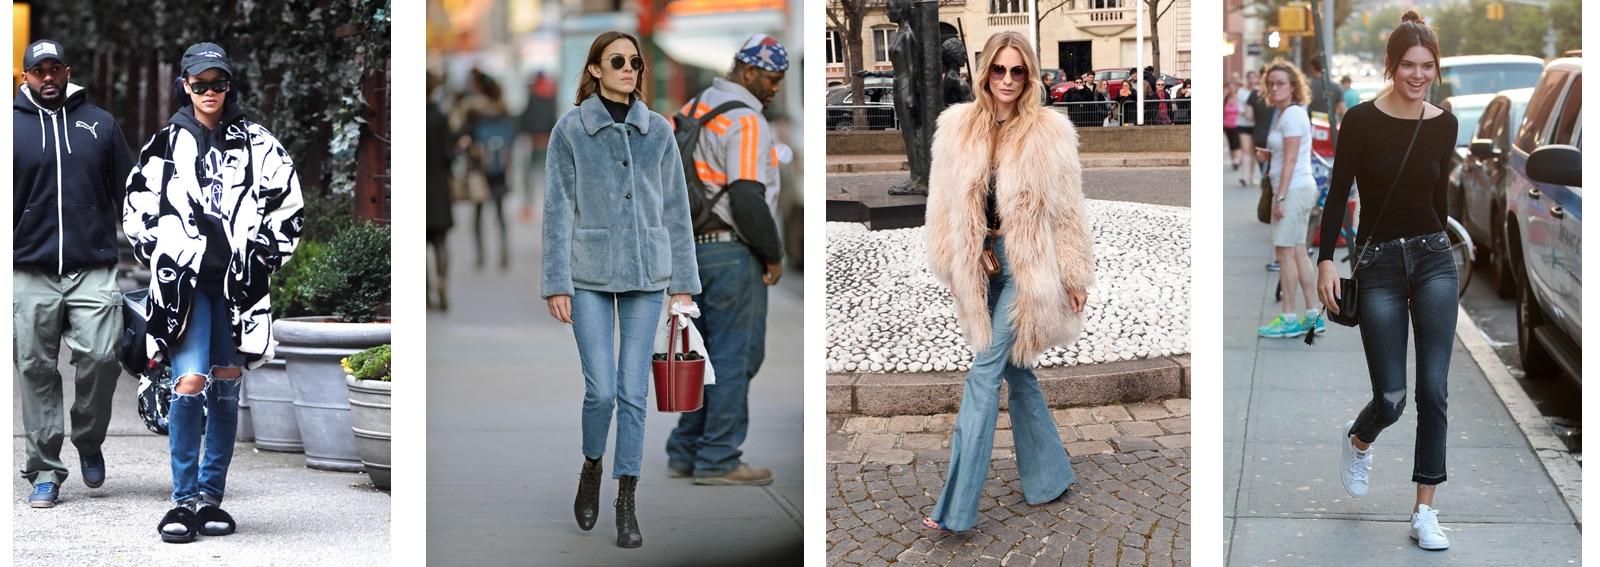 cover-star-in-jeans-2016-desktop